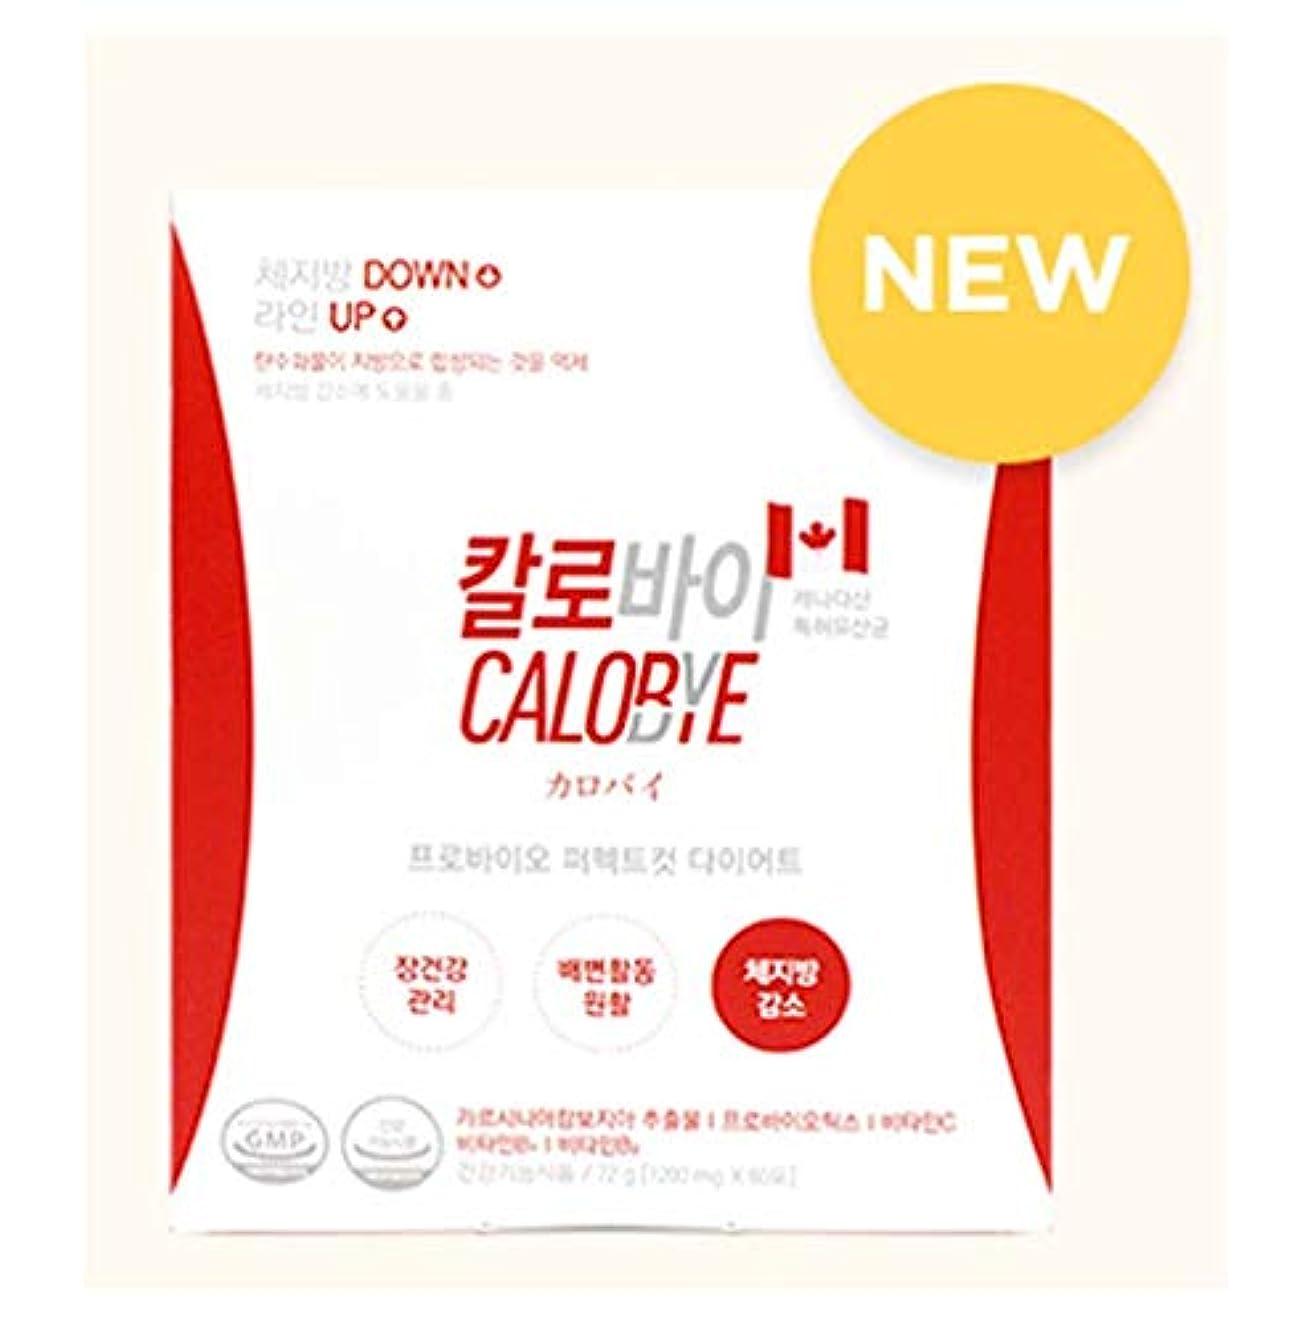 キャプチャーいつも器具New CALOBYE Premium: 減量食薬 Weight Loss Diet for 1month (60 Pouch=240pills/2times in a Day Before a Meal) Made in...